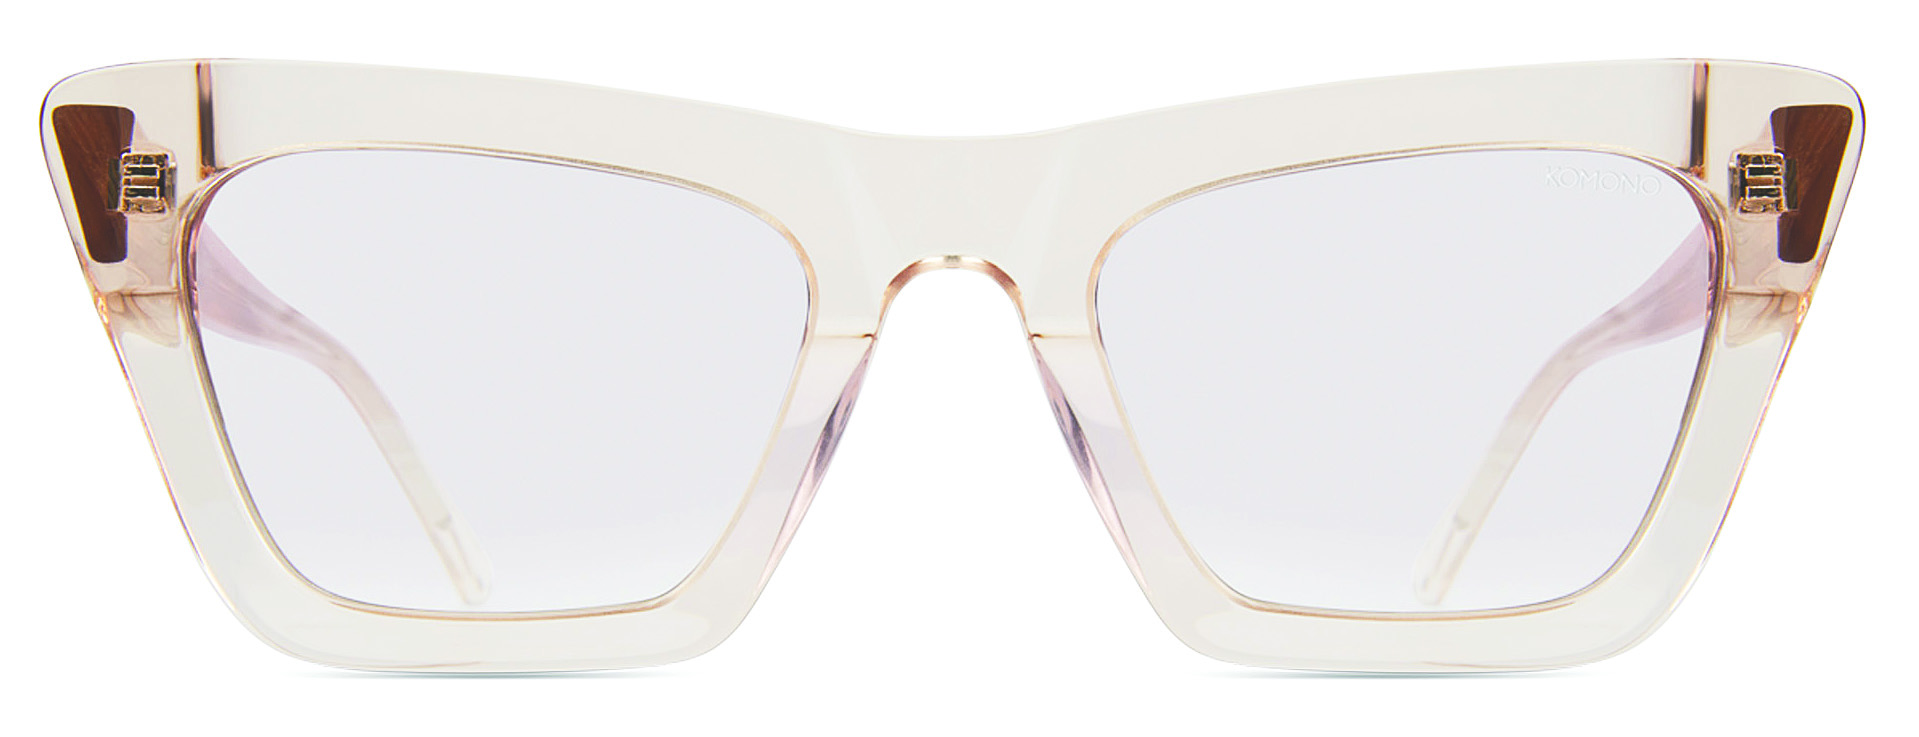 Transparente - Las gafas ópticas casi imperceptibles reflejan el estilo minimalista de la temporada. (WGSN)